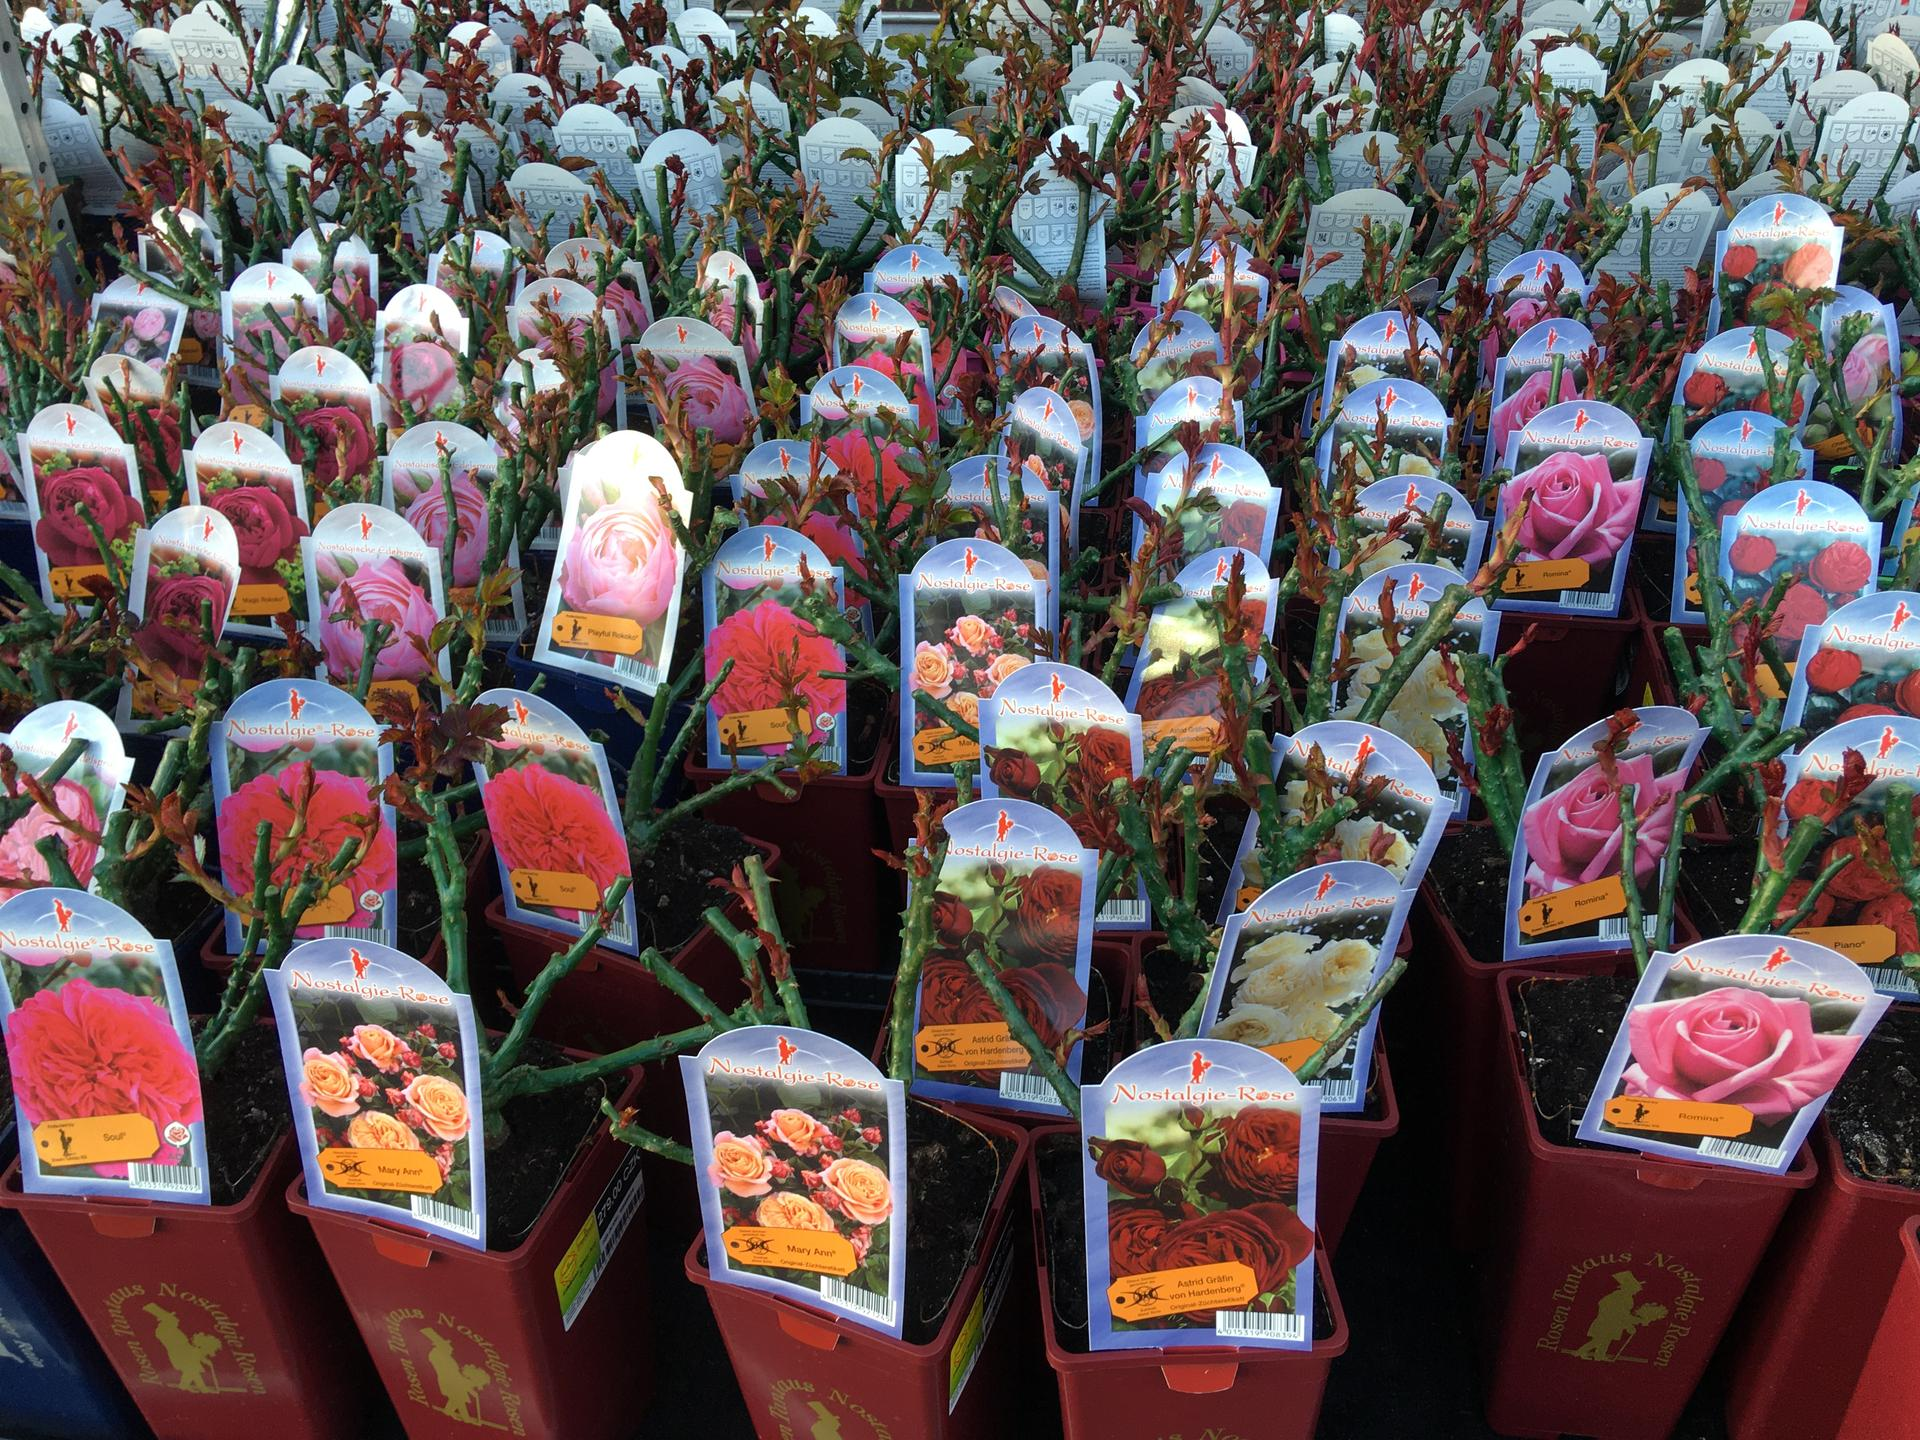 Zahrada 2020 - Hornbach dnes- uzasne pestra nabidka ruzi, hlavne od firmy Tantau! Ceny okolo 200,-